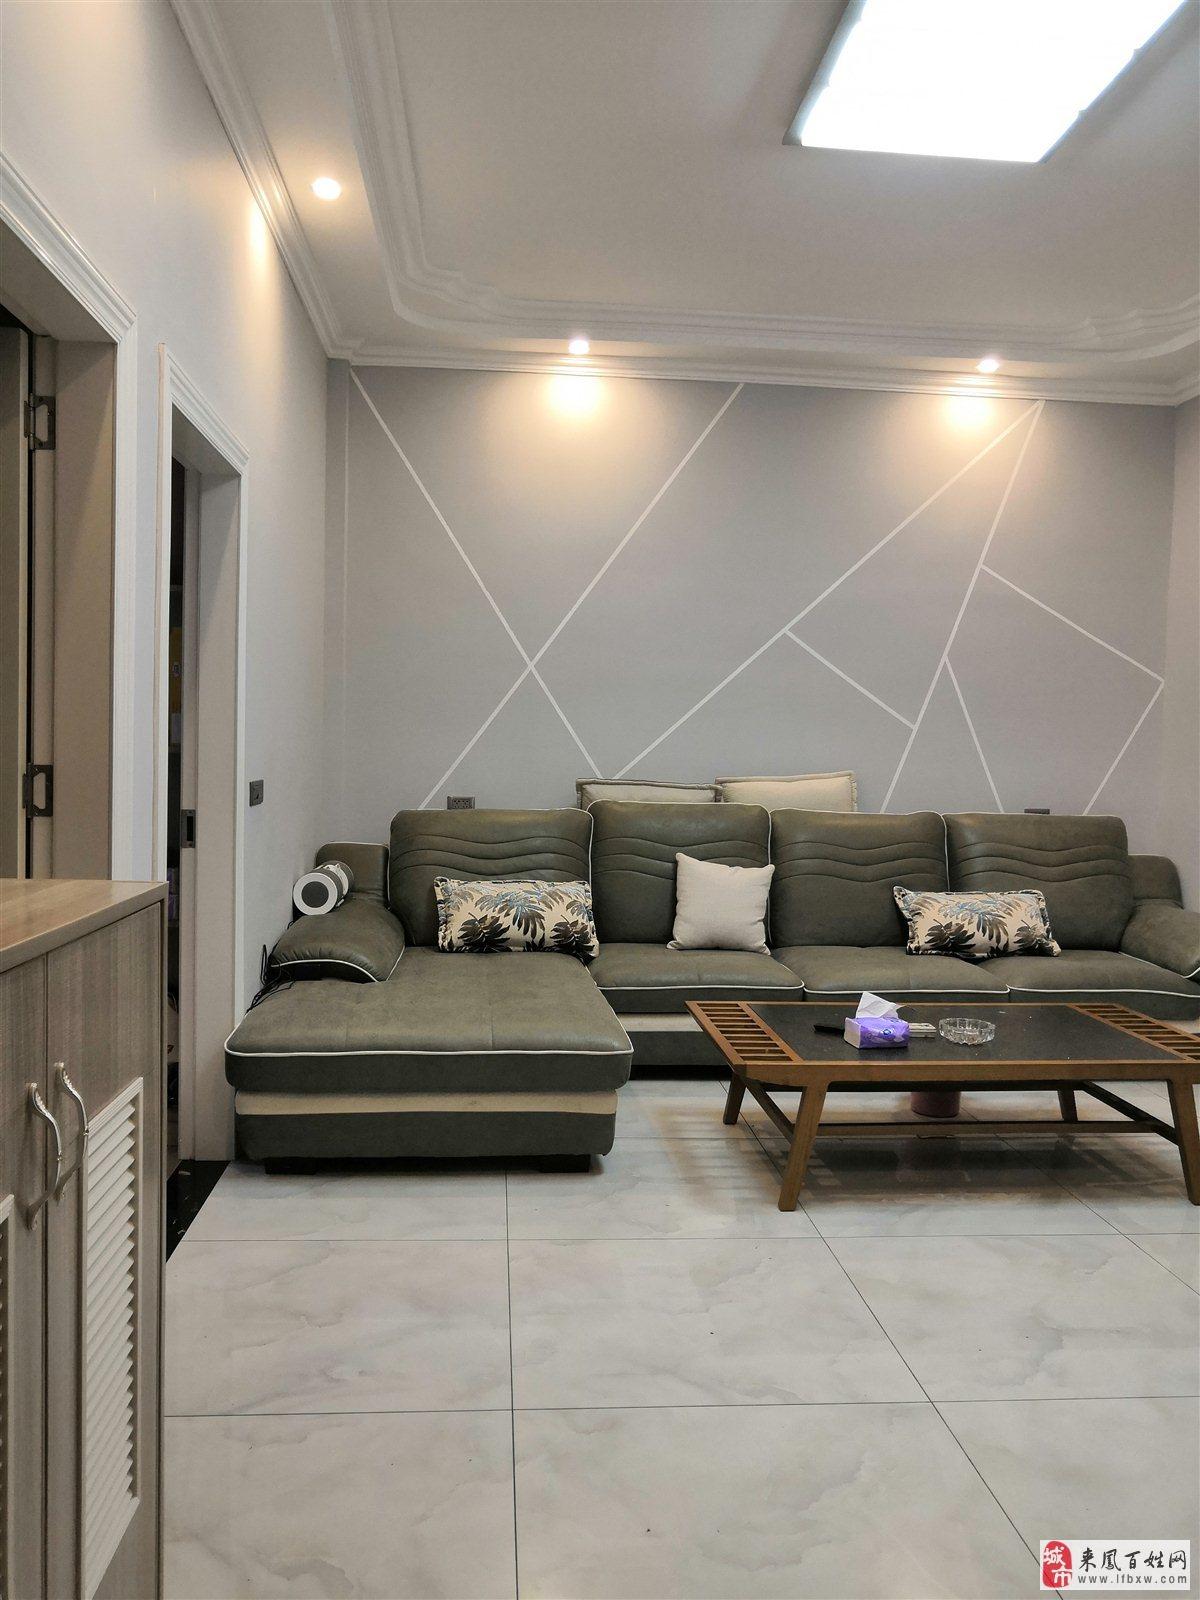 武汉大道二小区2室2厅1卫19.8万元